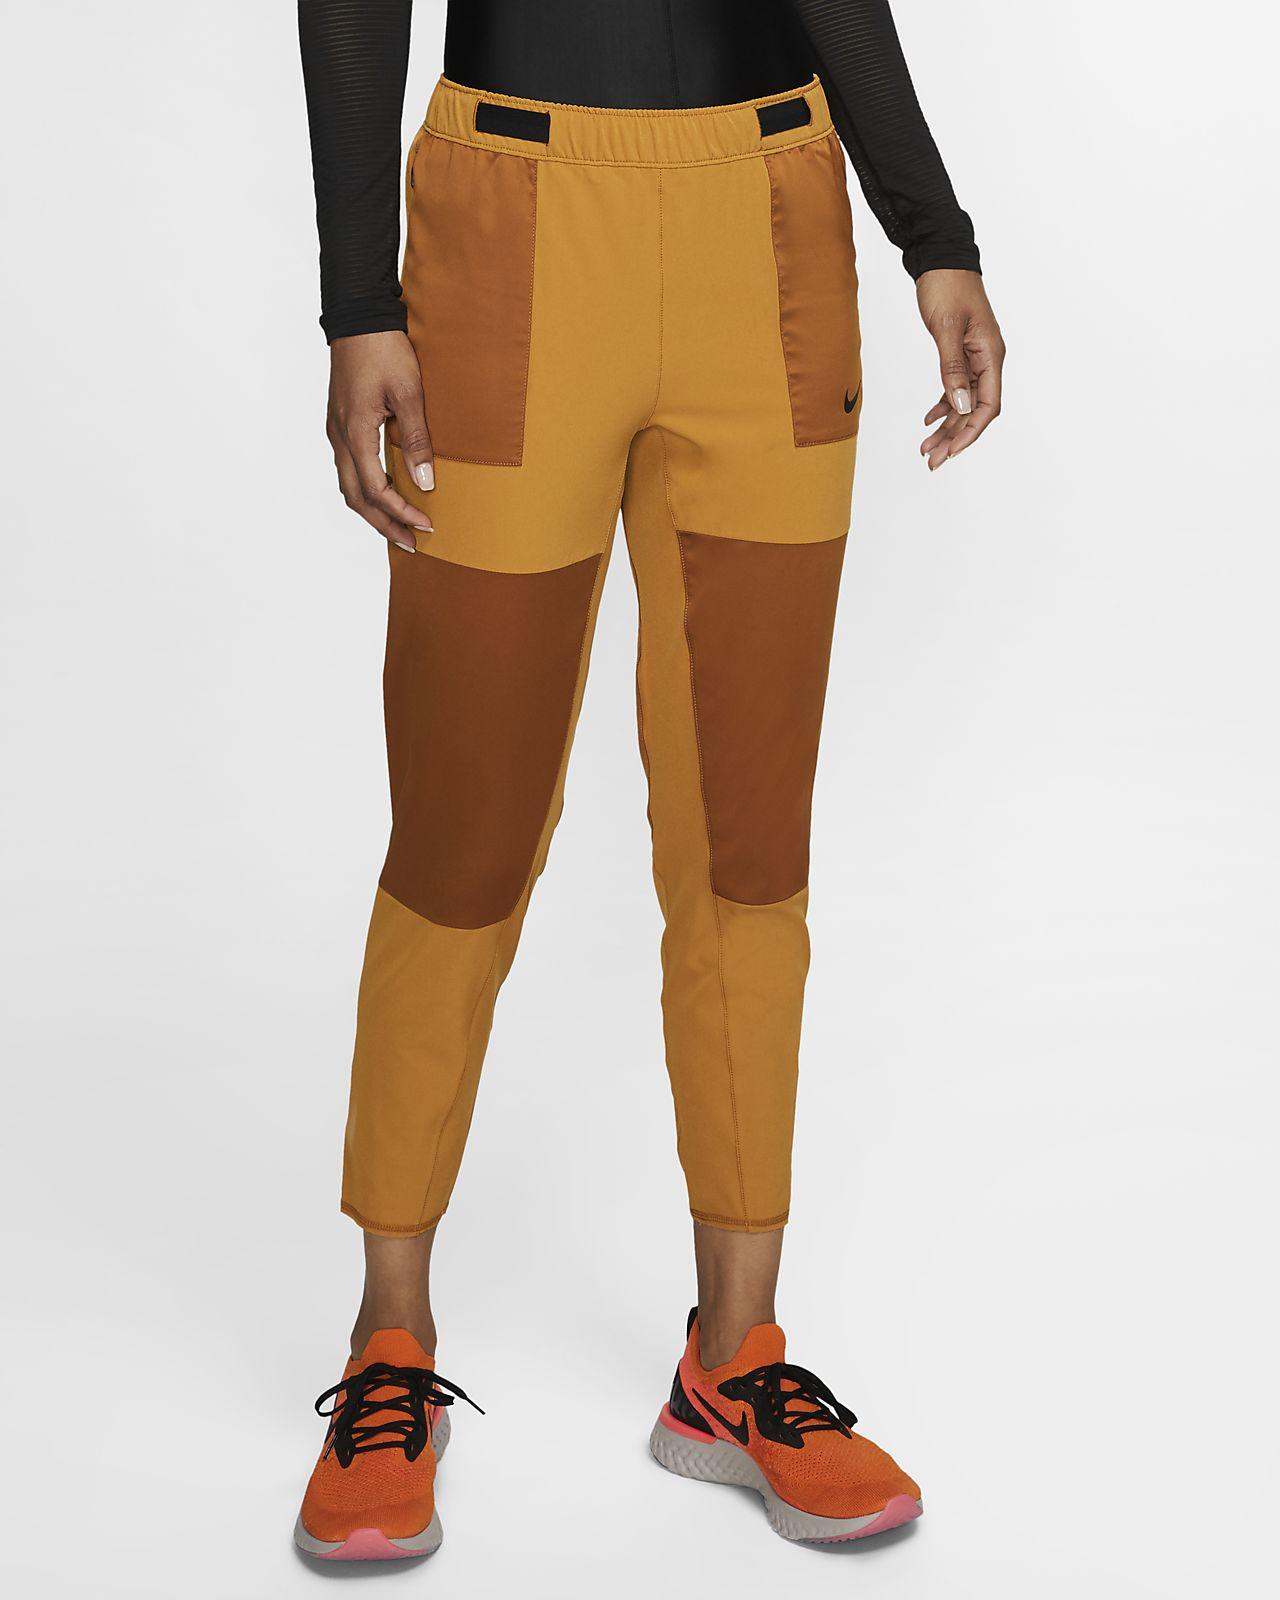 Nike-7/8-løbebukser til kvinder